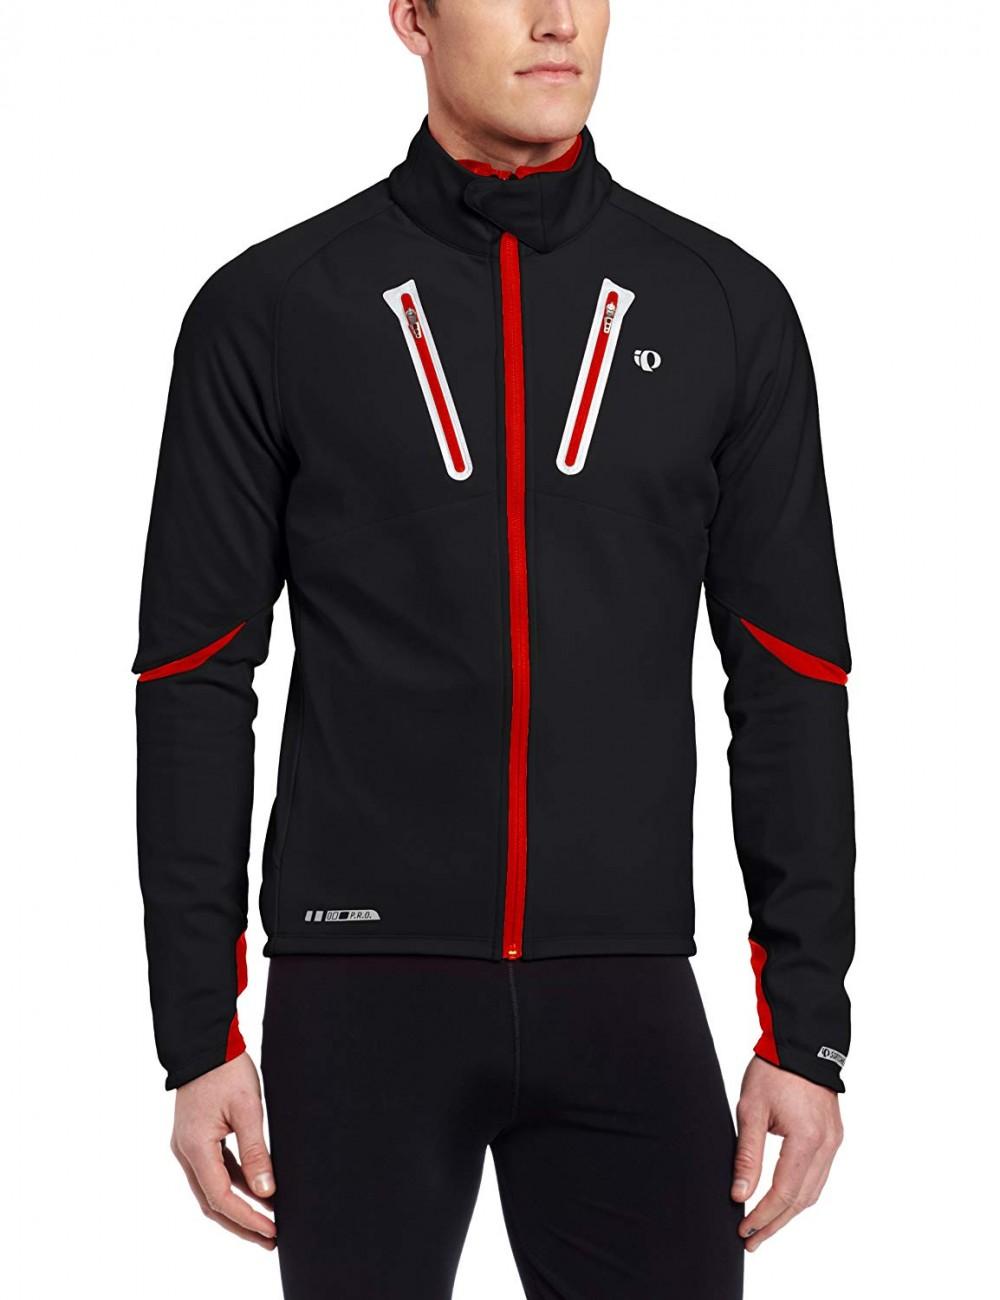 Велокуртка PEARL IZUMI pro softshell jacket (размер XXL) - 1